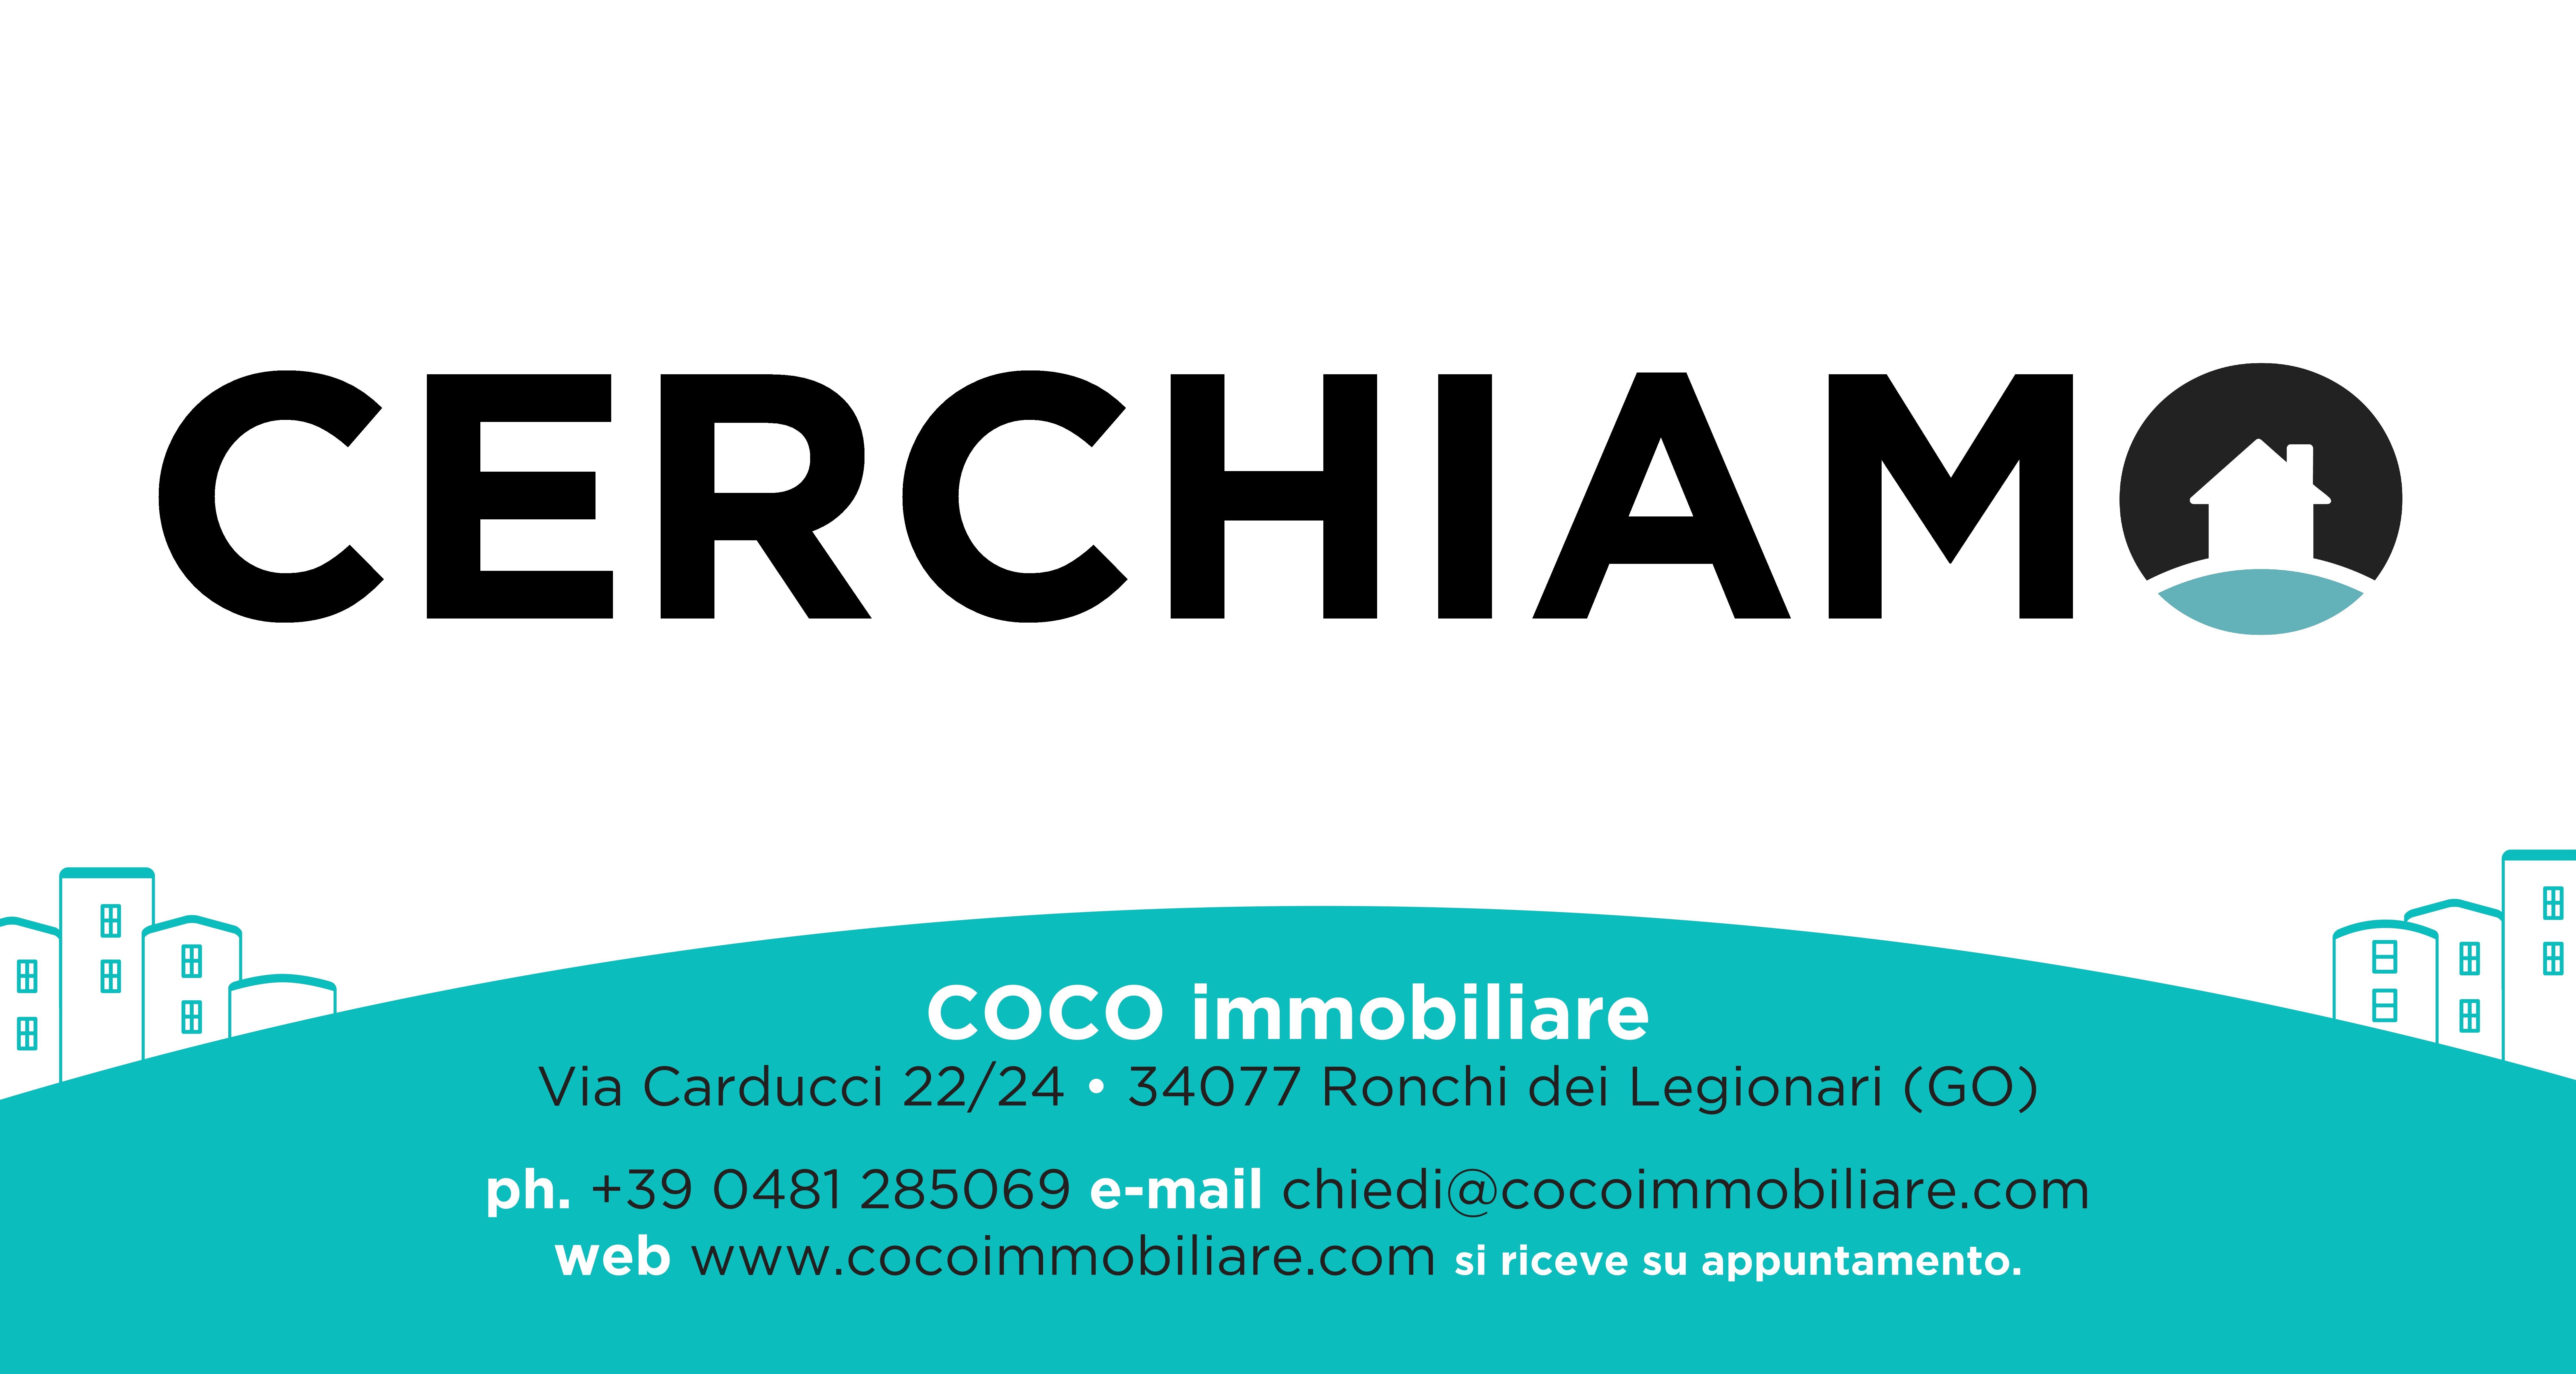 CERCHIAMO (cod. 2322)